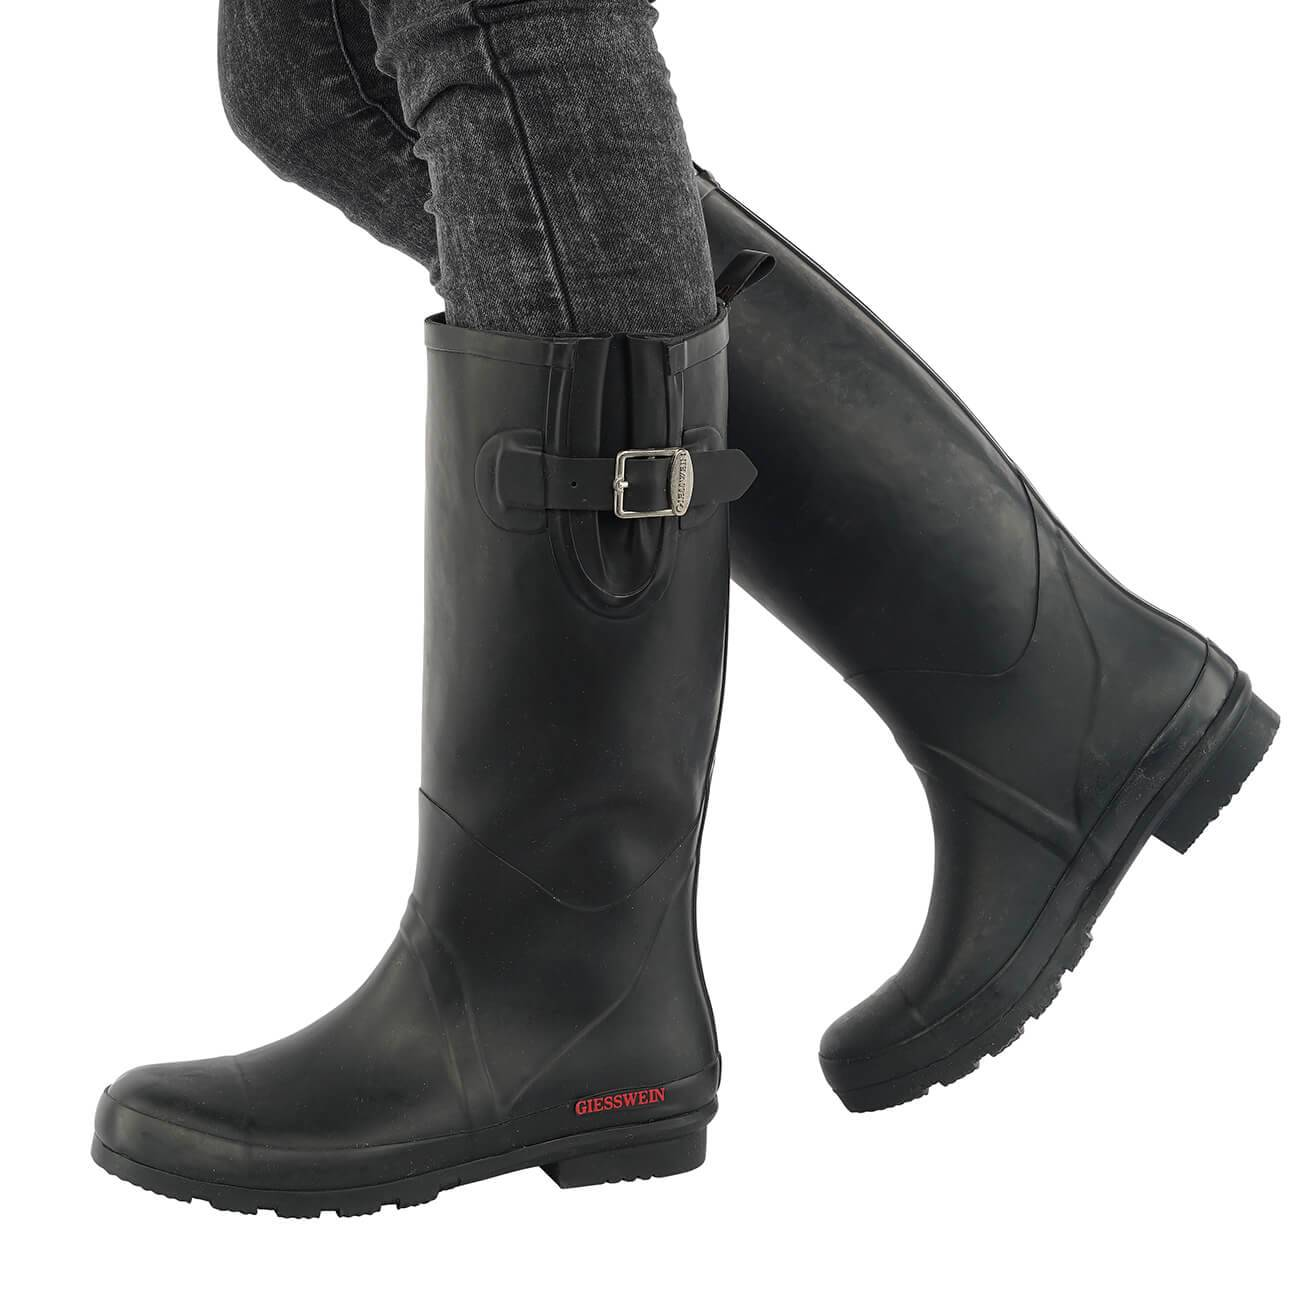 Giesswein Zwiedorf schwarz schwarz Schuhe Gummistiefel Damen